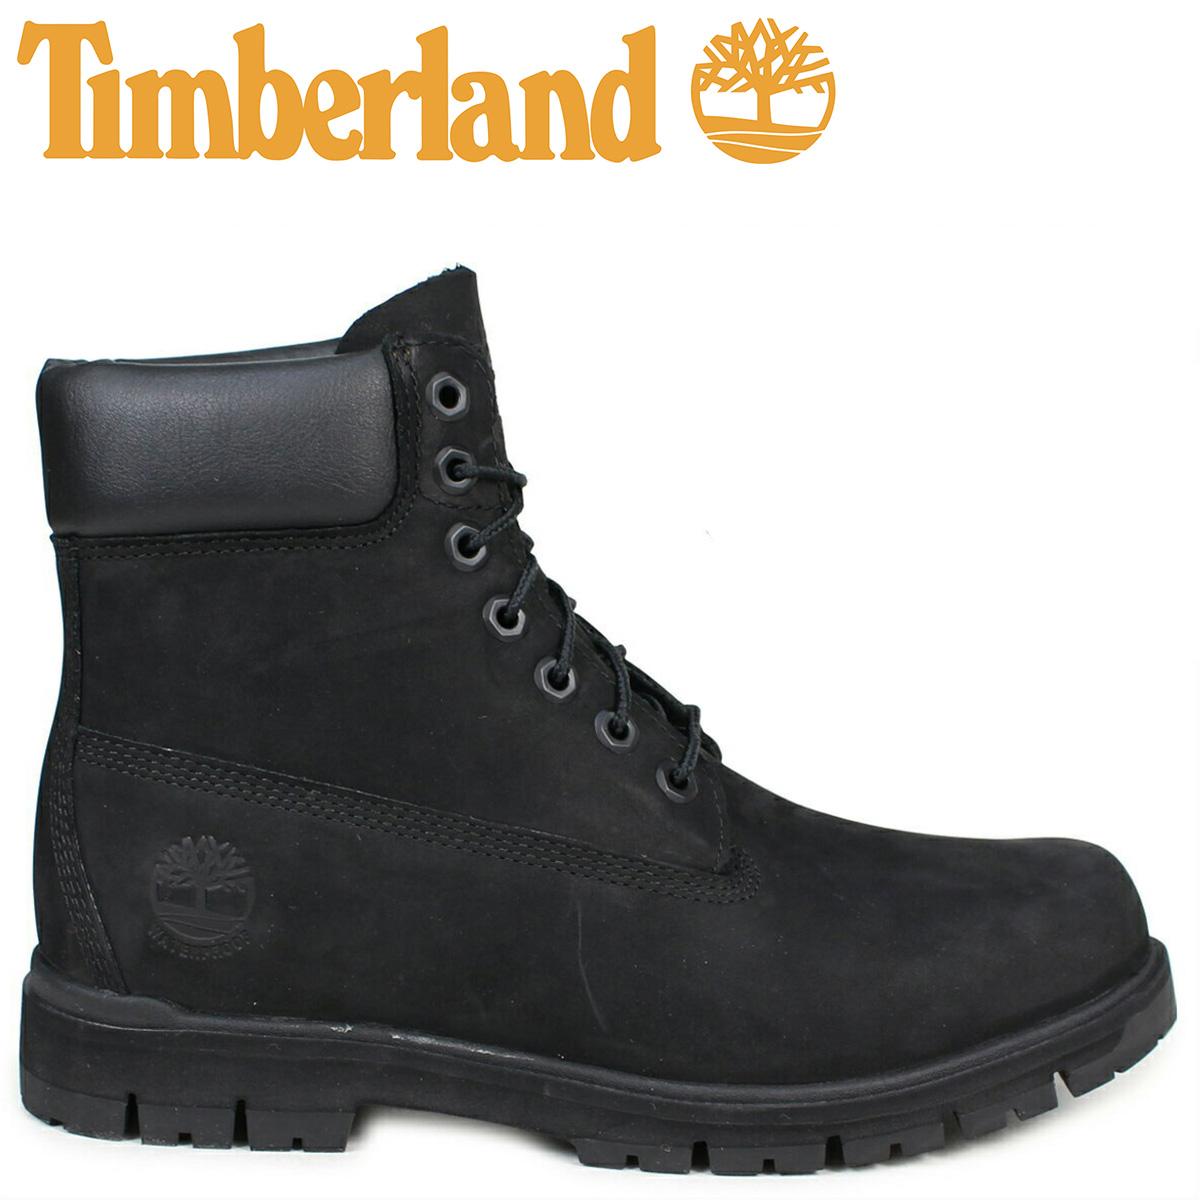 Botas Timberland Hombres xony0Xts